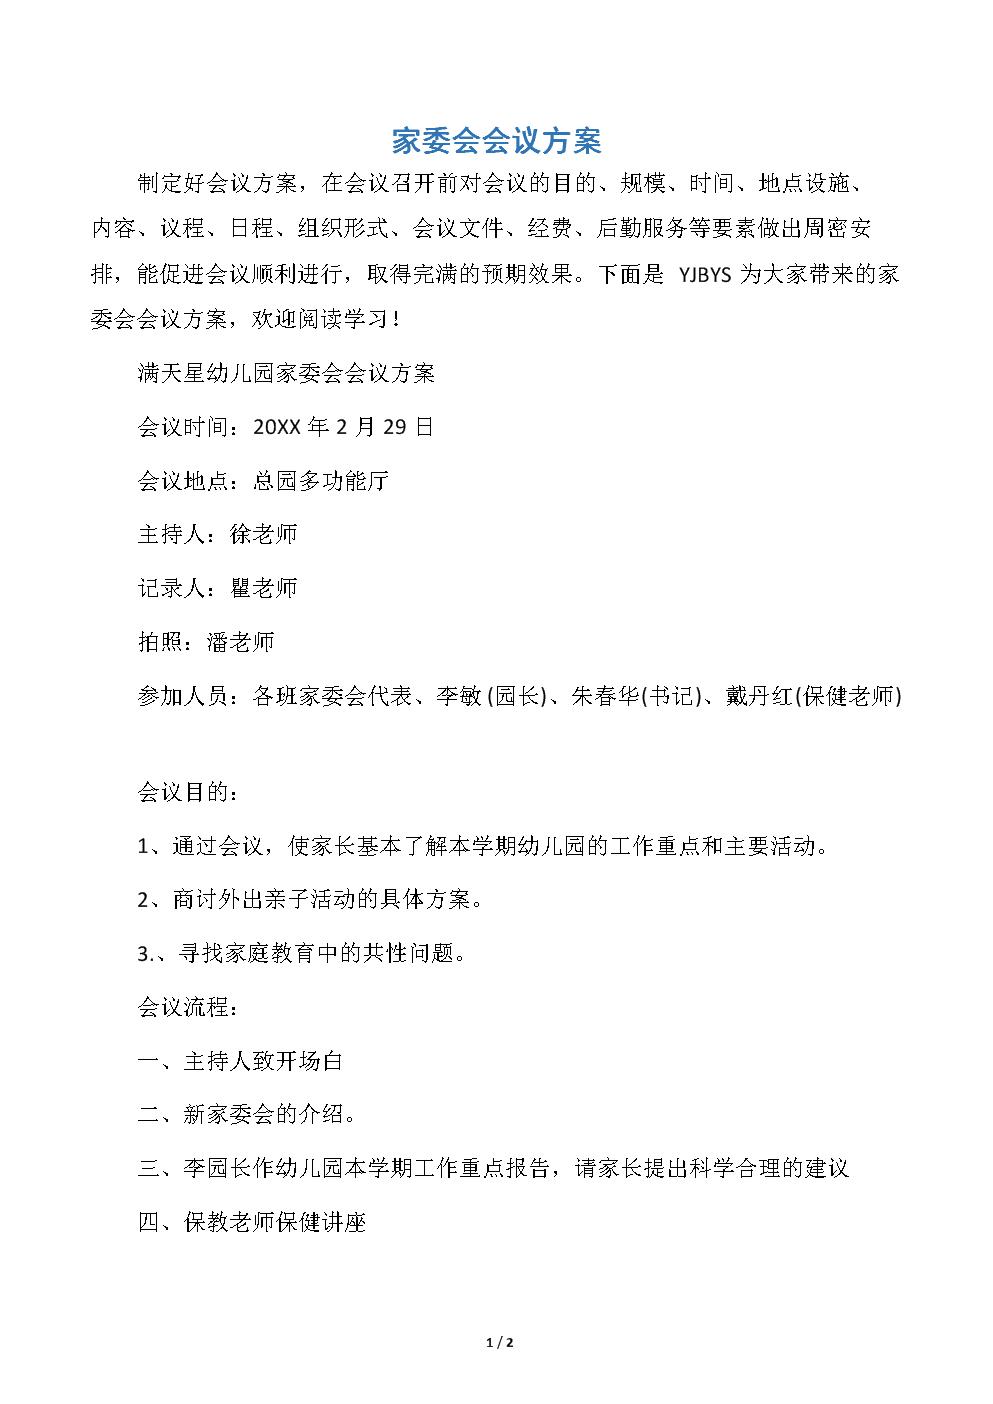 家委会会议方案.docx